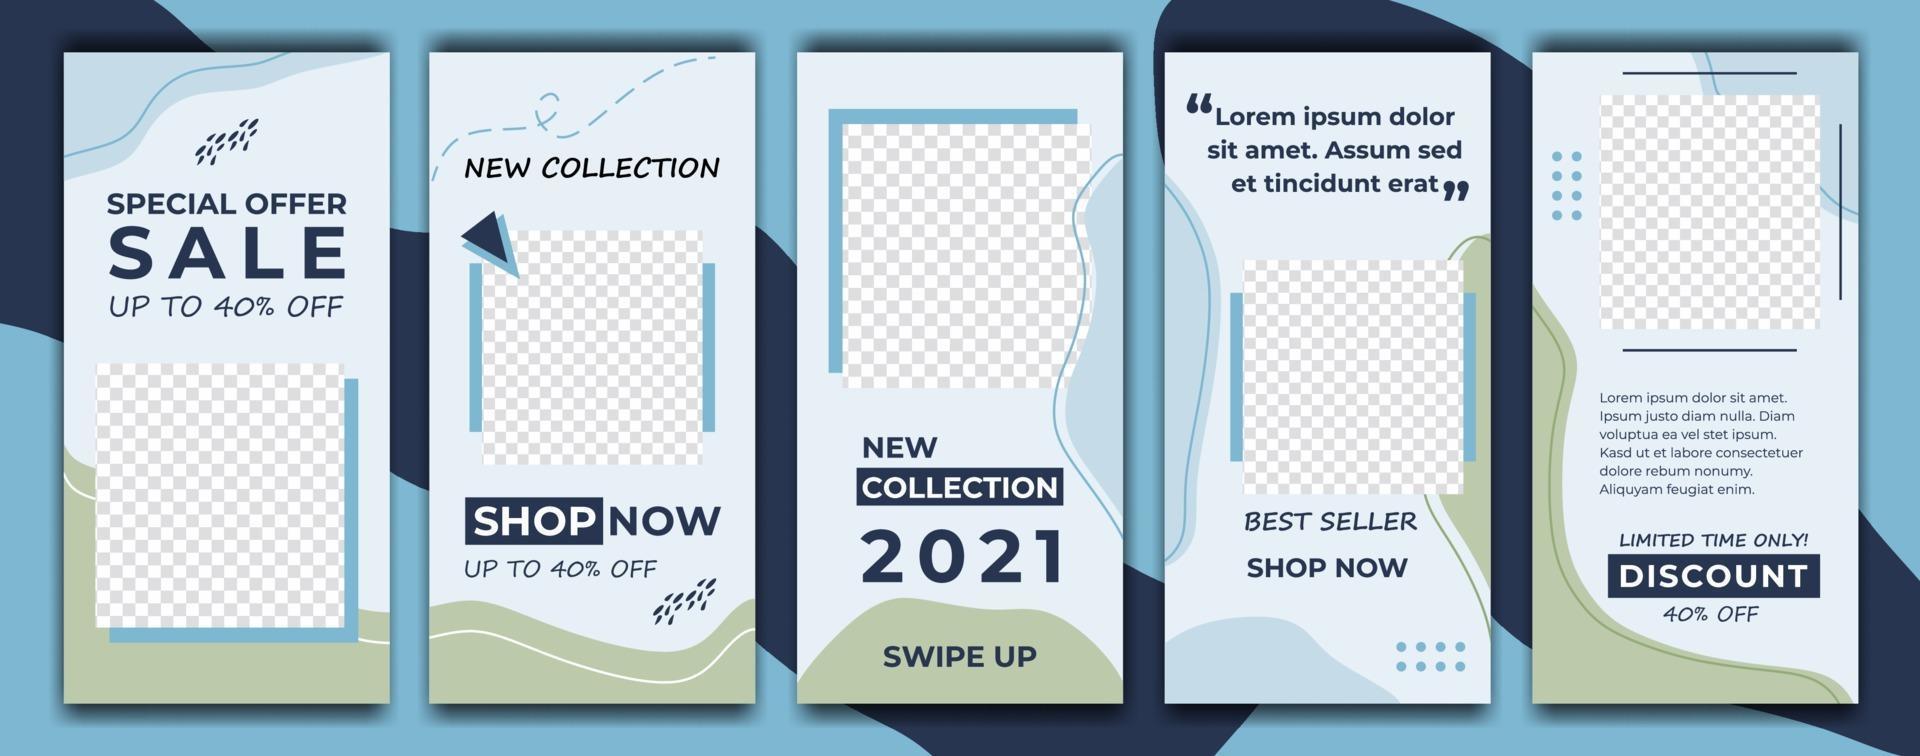 instagram berättelser försäljning banner mall med blå färg dekorativ stil bakgrund. sociala medier mall foto, årsskiftet försäljning kan användas för bakgrund, webbplats, affisch, flygblad, presentkort, webbdesign vektor